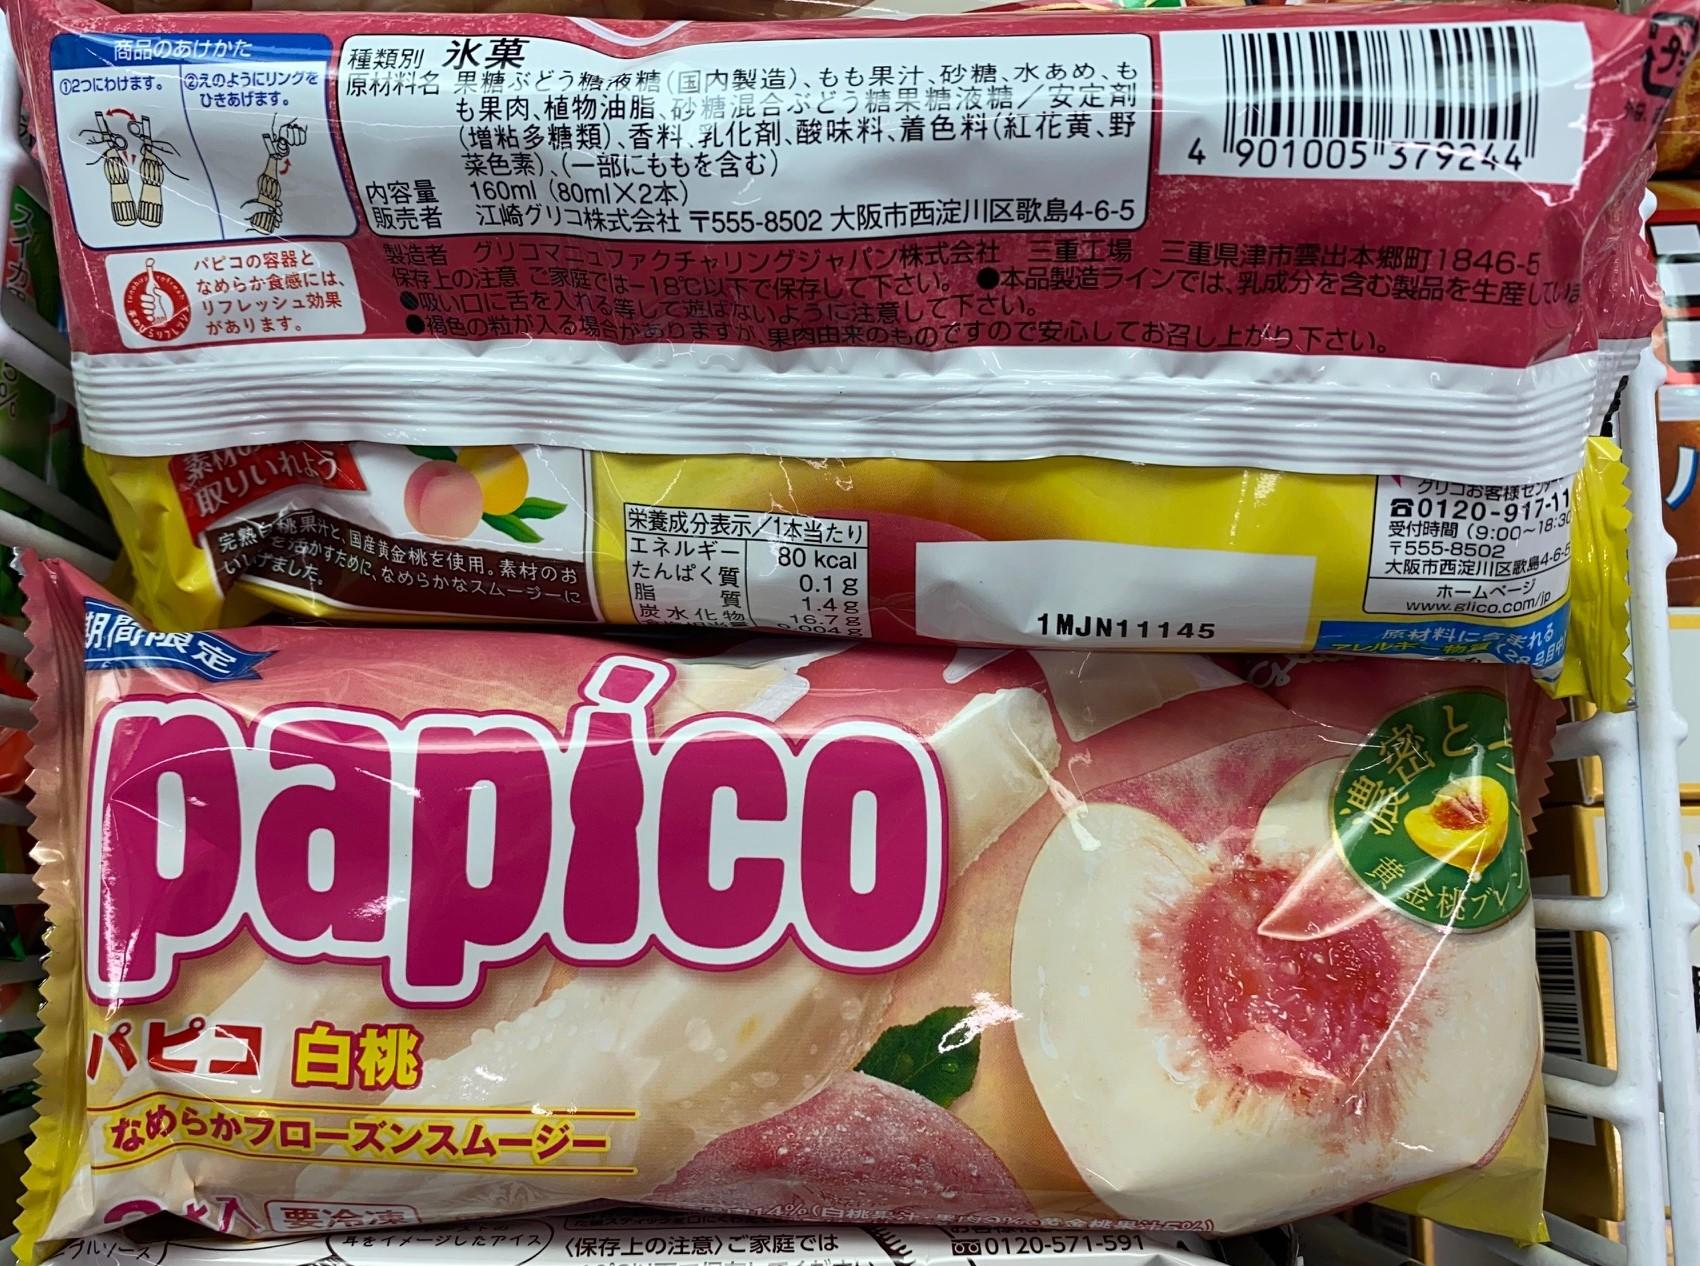 Glico Papico White Peach